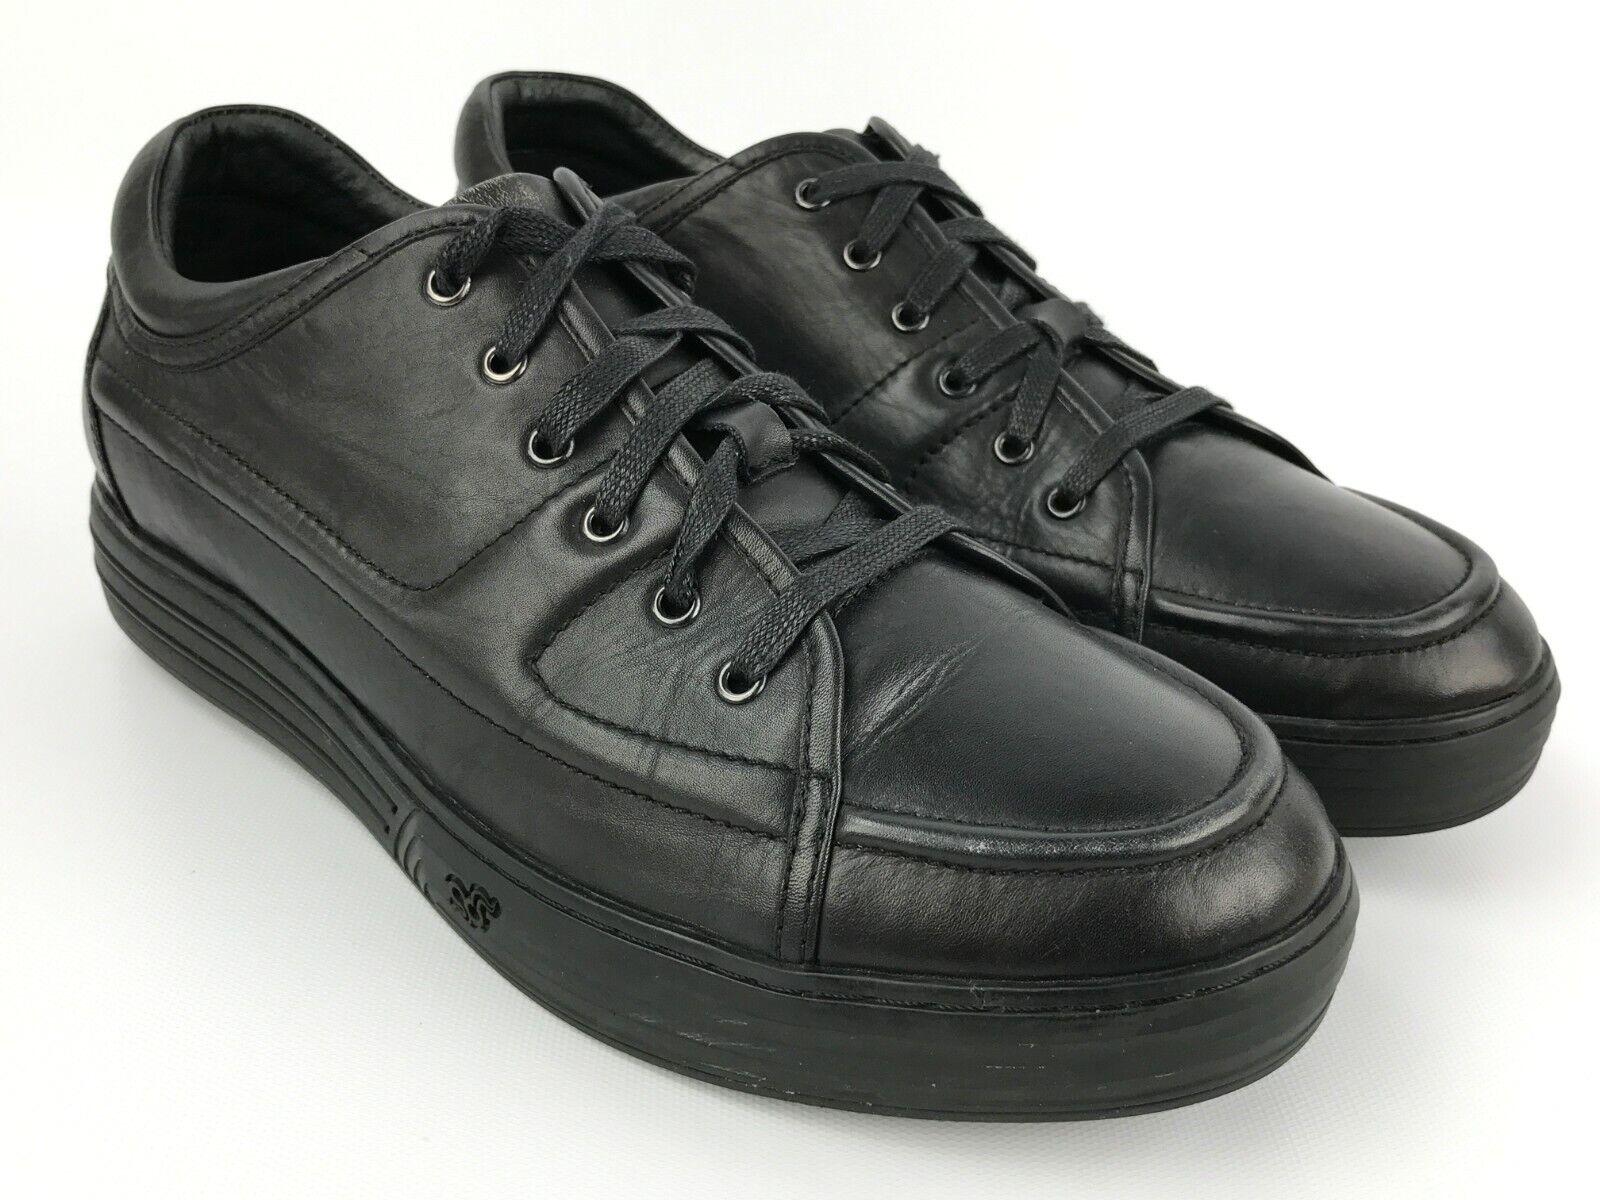 GDEFY Men's Size 11 M Black Leather Casual shoes